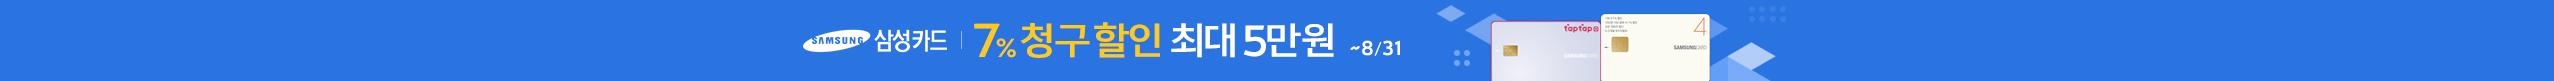 삼성카드 7%청구할인